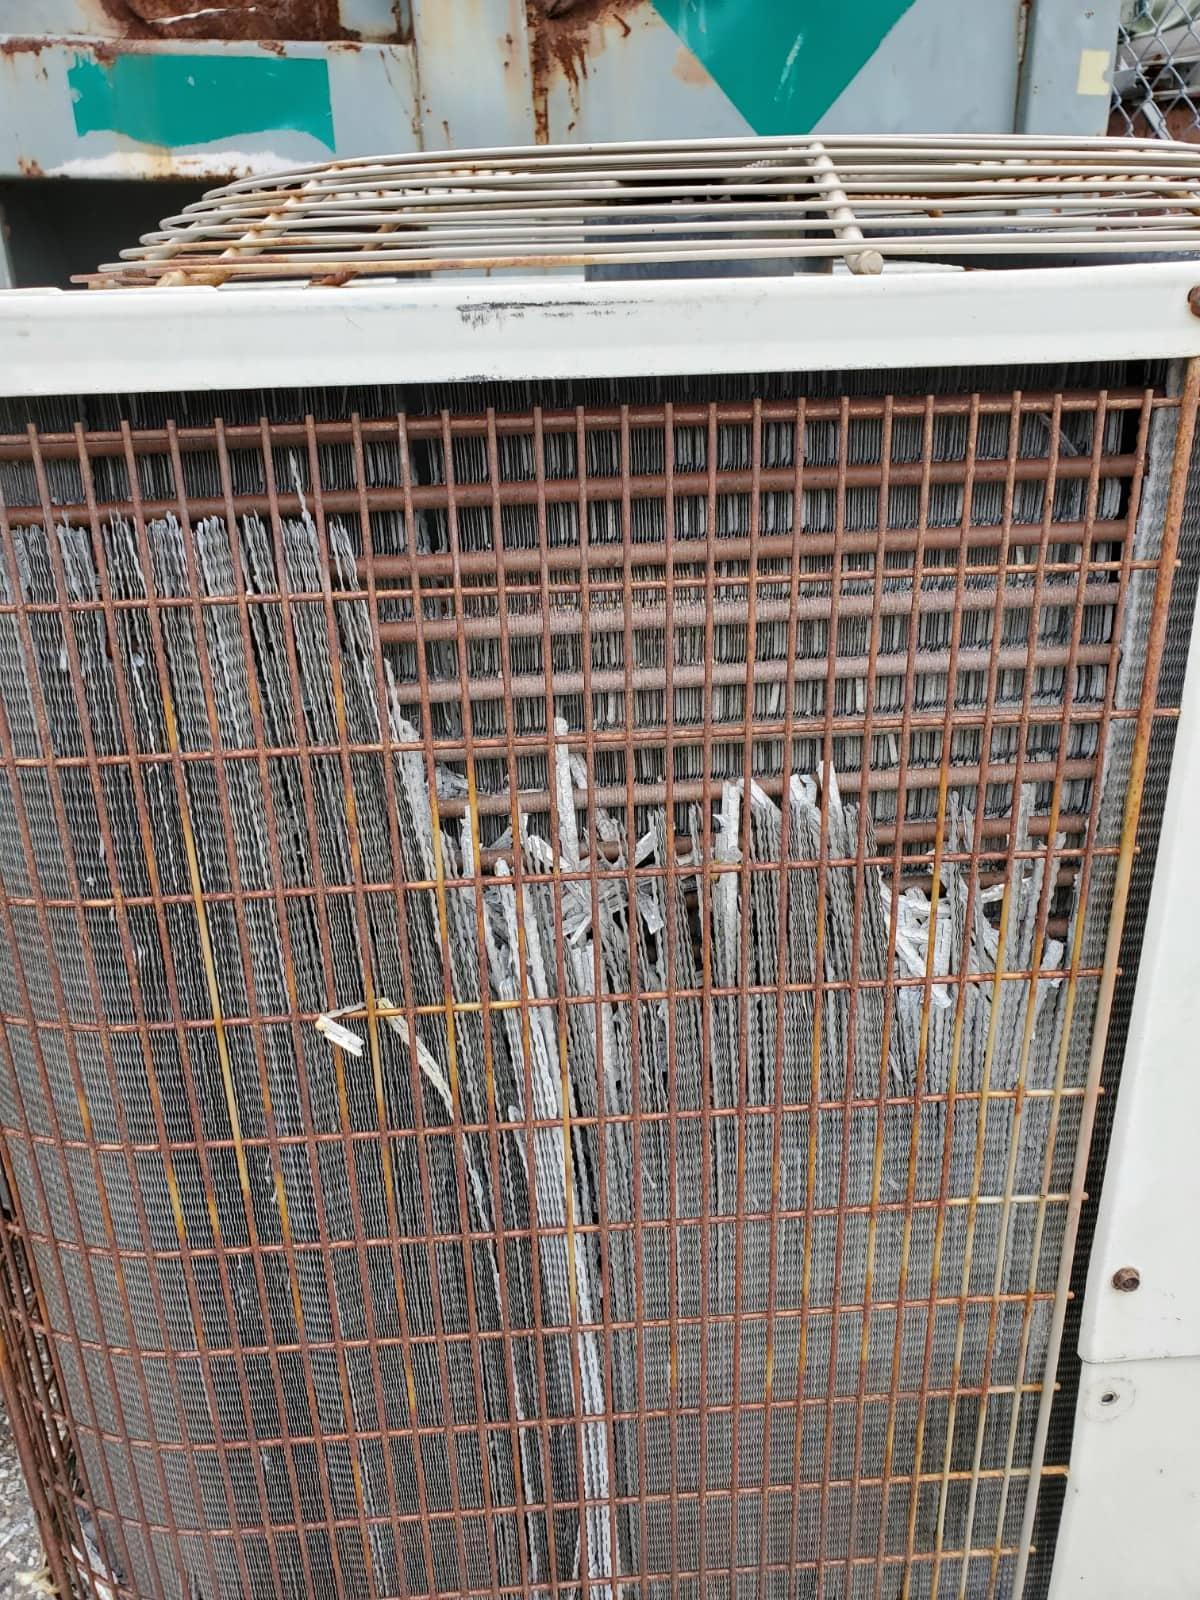 corroded HVAC system